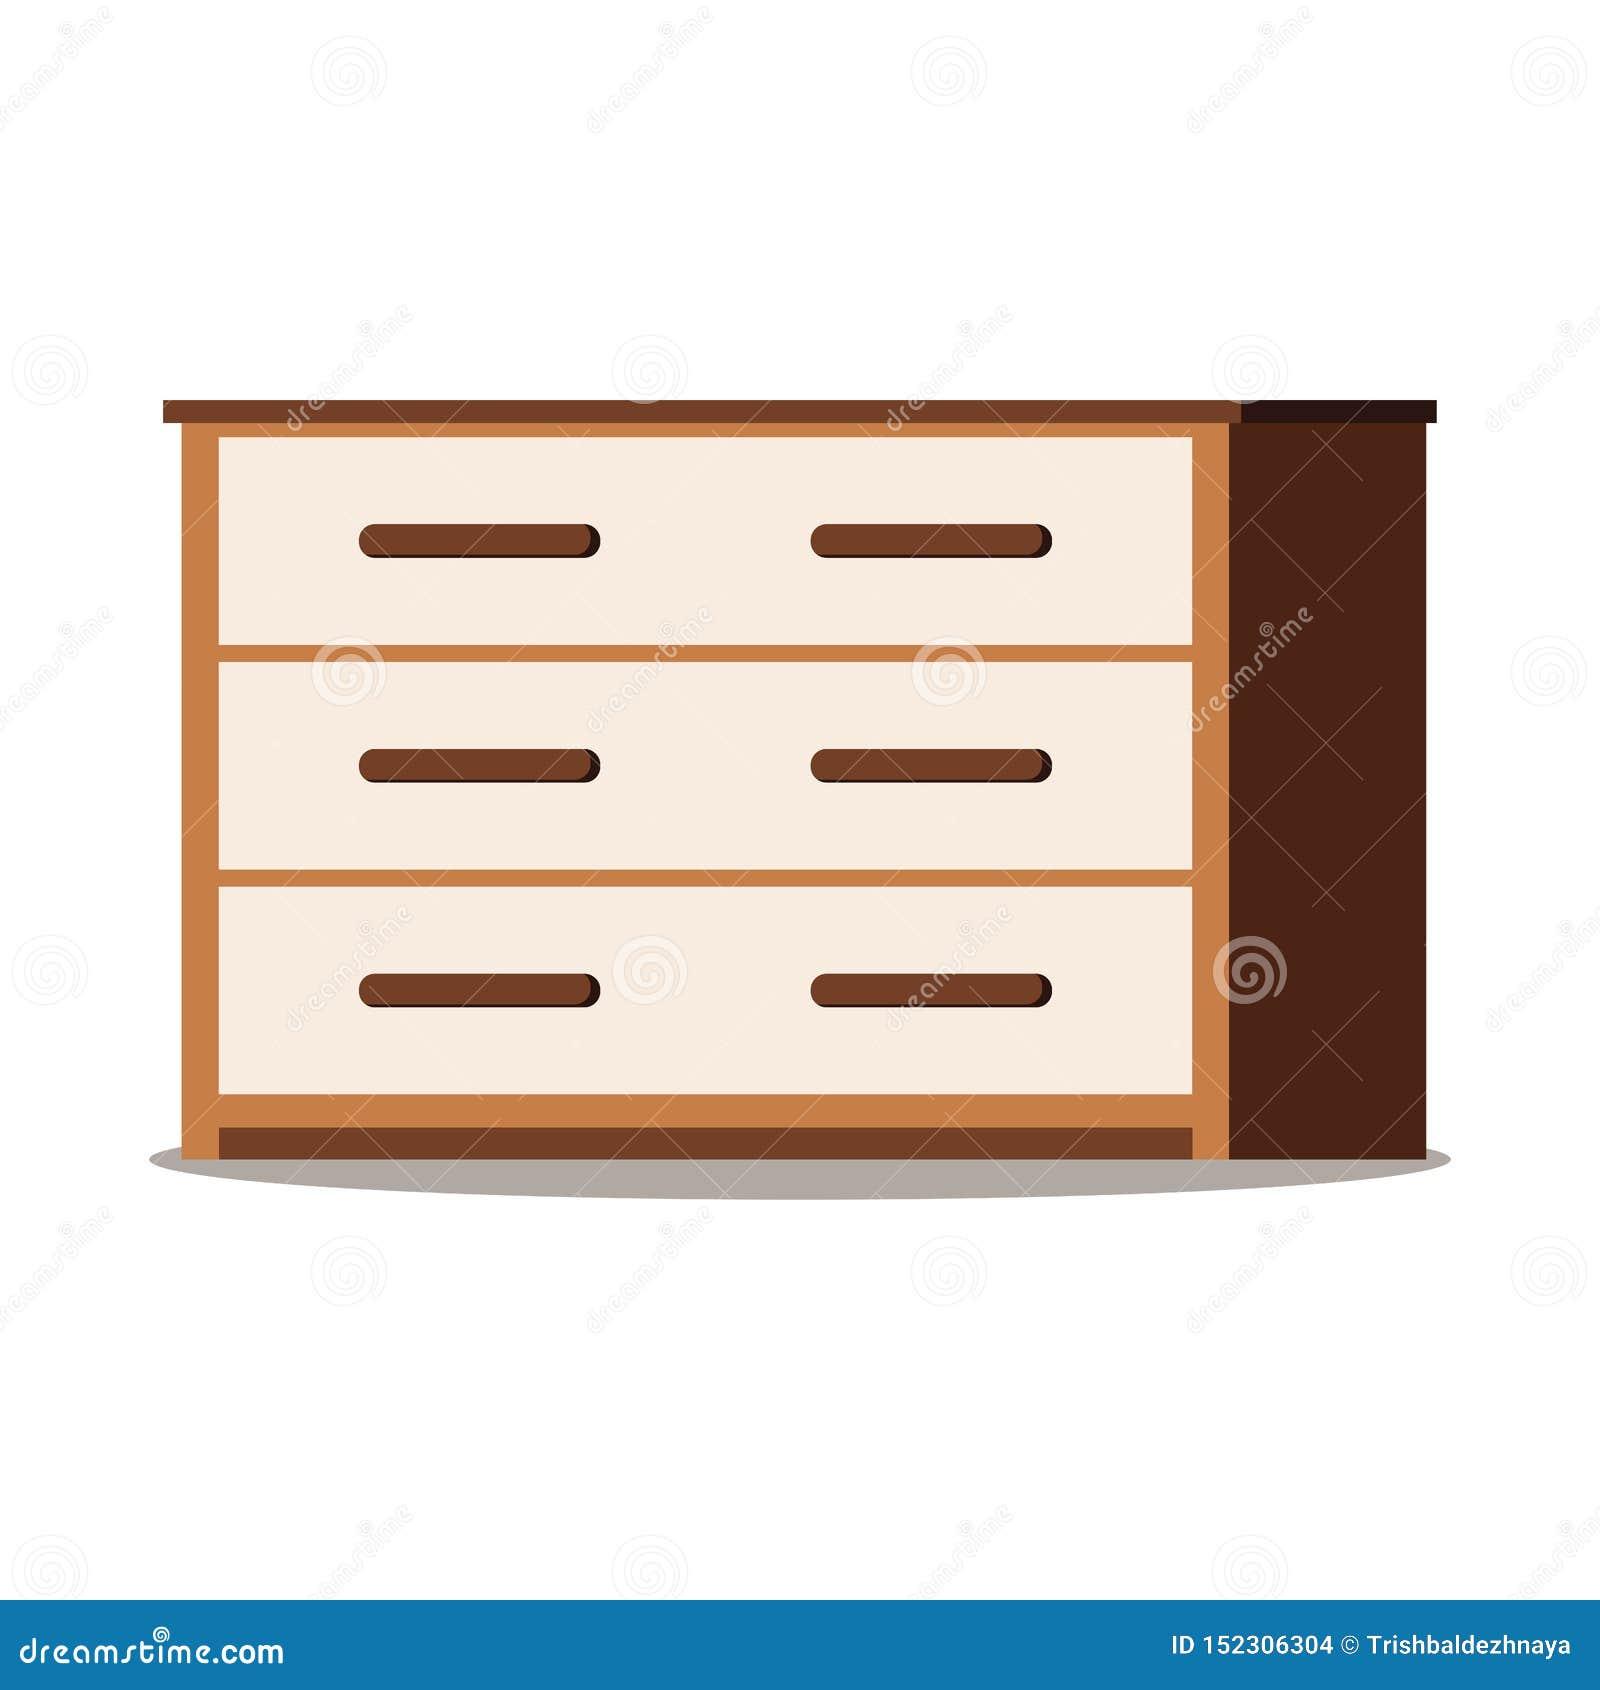 Icône du coffre des tiroirs en bois brun avec des portes, étagère